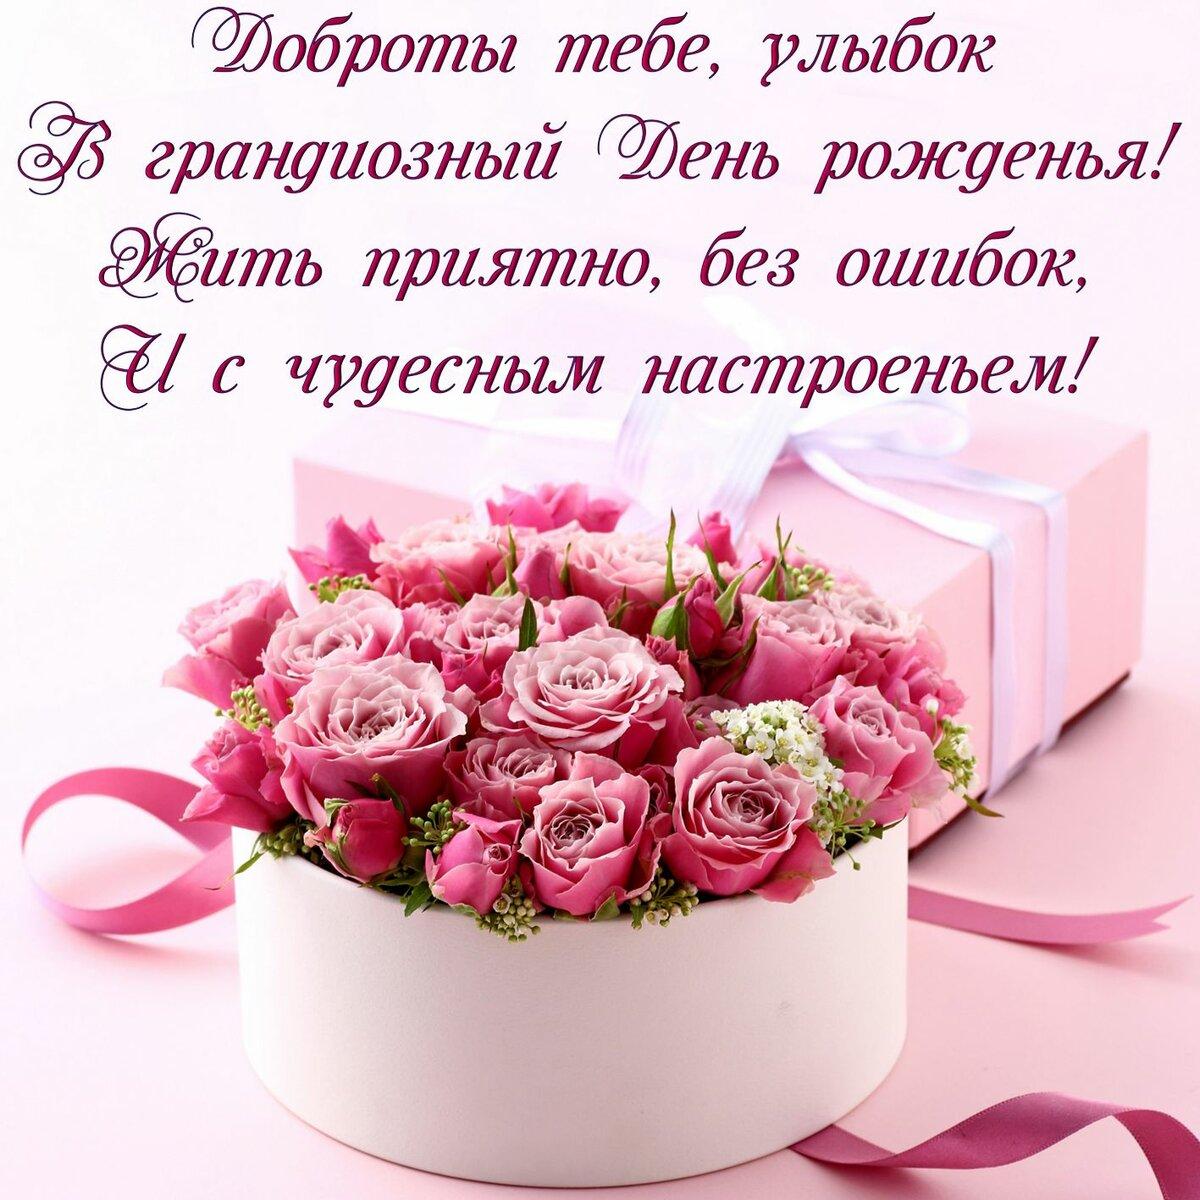 Открытки с днем рождения с цветами и текстом, надписью красавчики